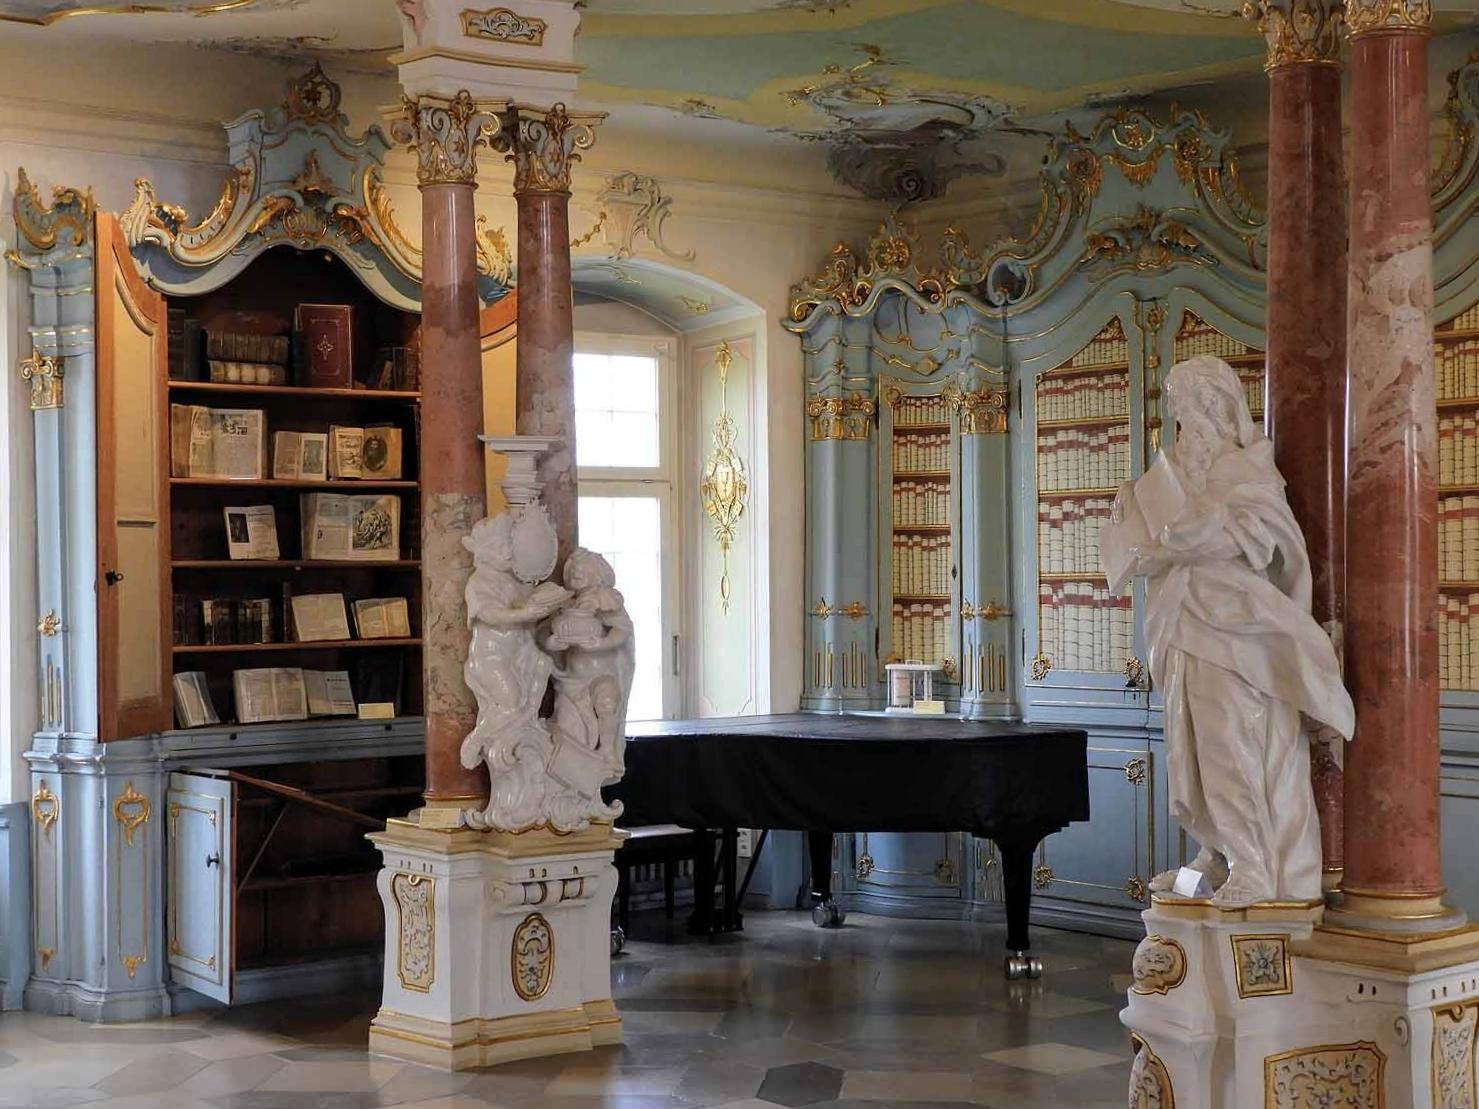 germany-kloster-schussenreid-rococco-style.jpg